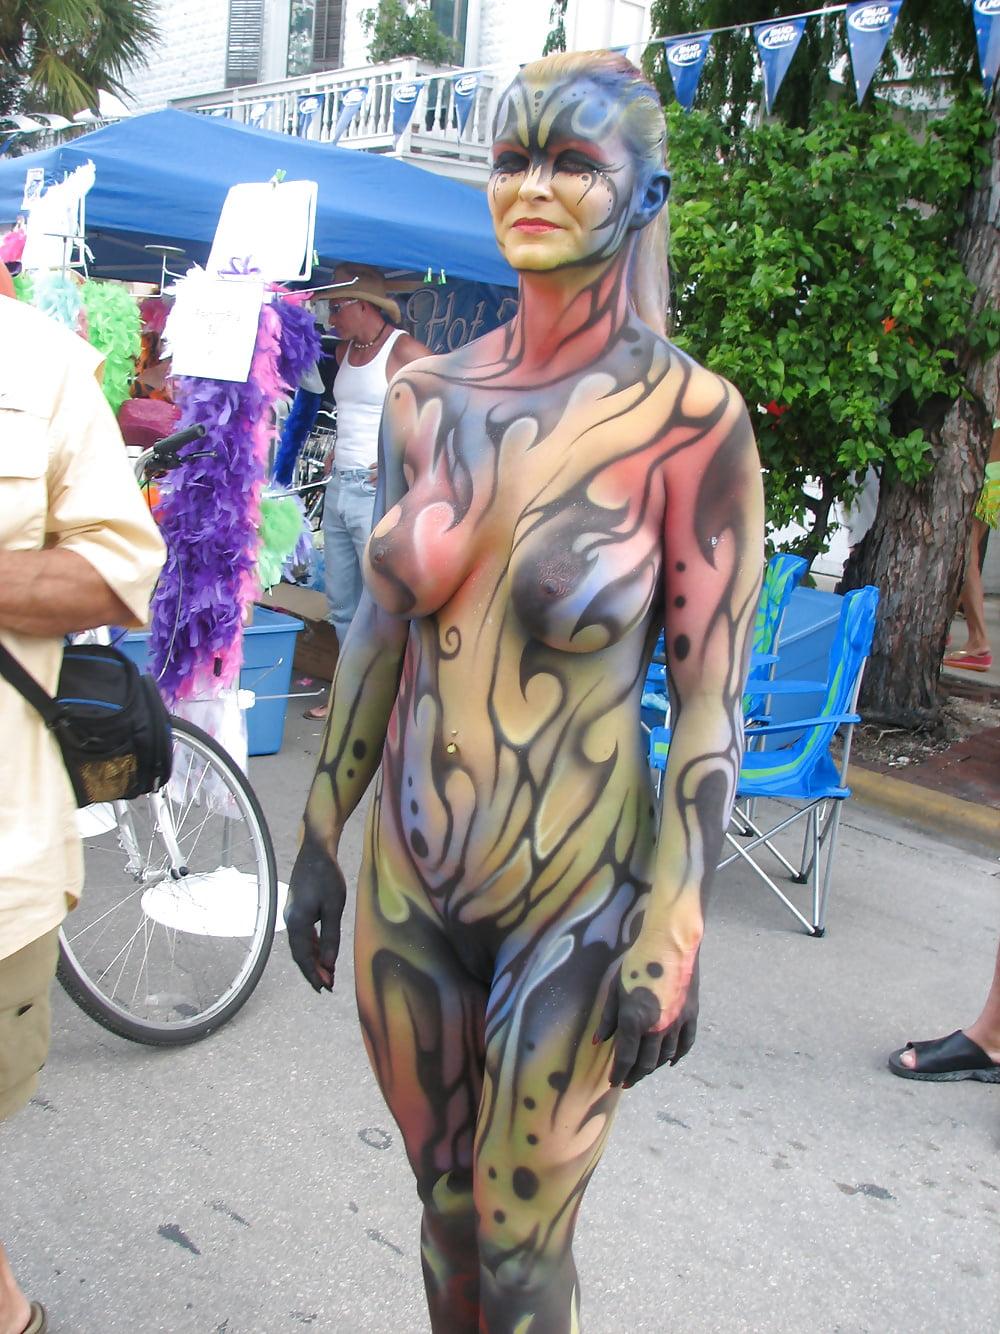 naked-bodypainting-boys-cameltoe-girl-deflowered